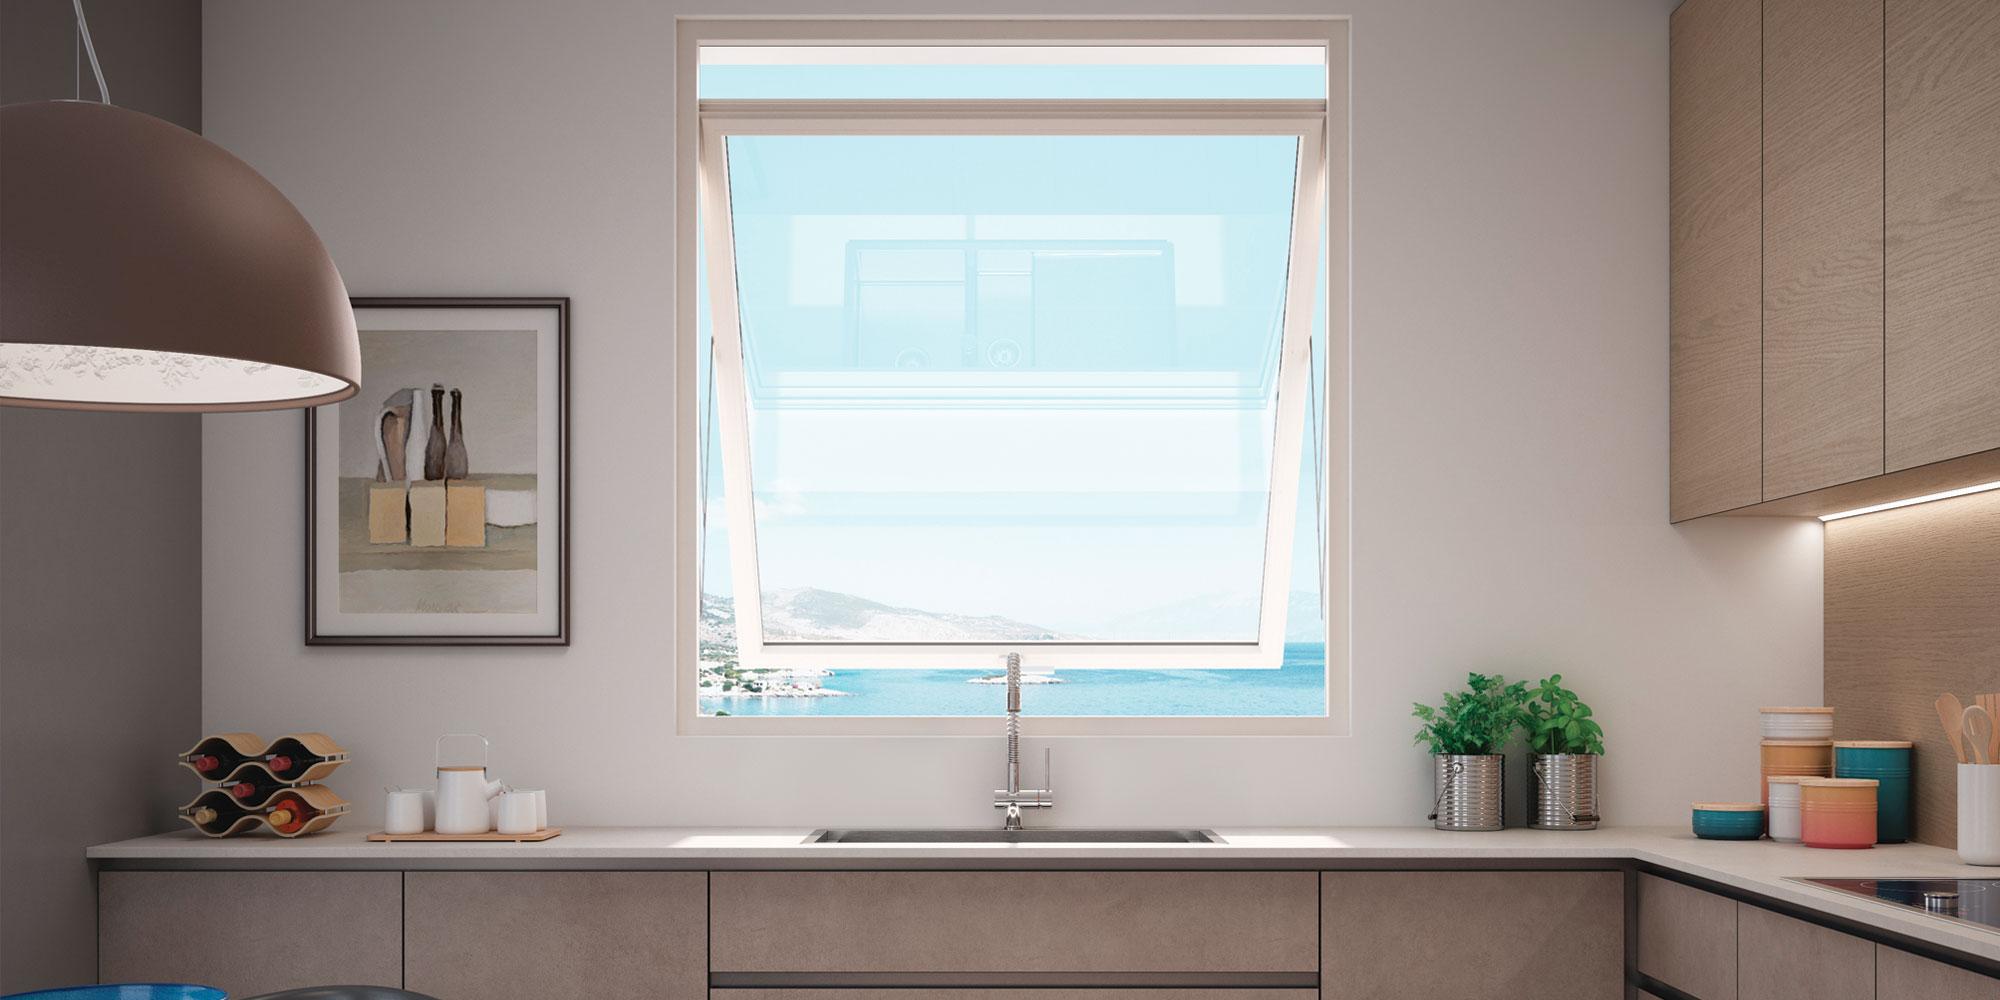 Cucina-con-finestra-Prolux-Swing-di-Oknoplast